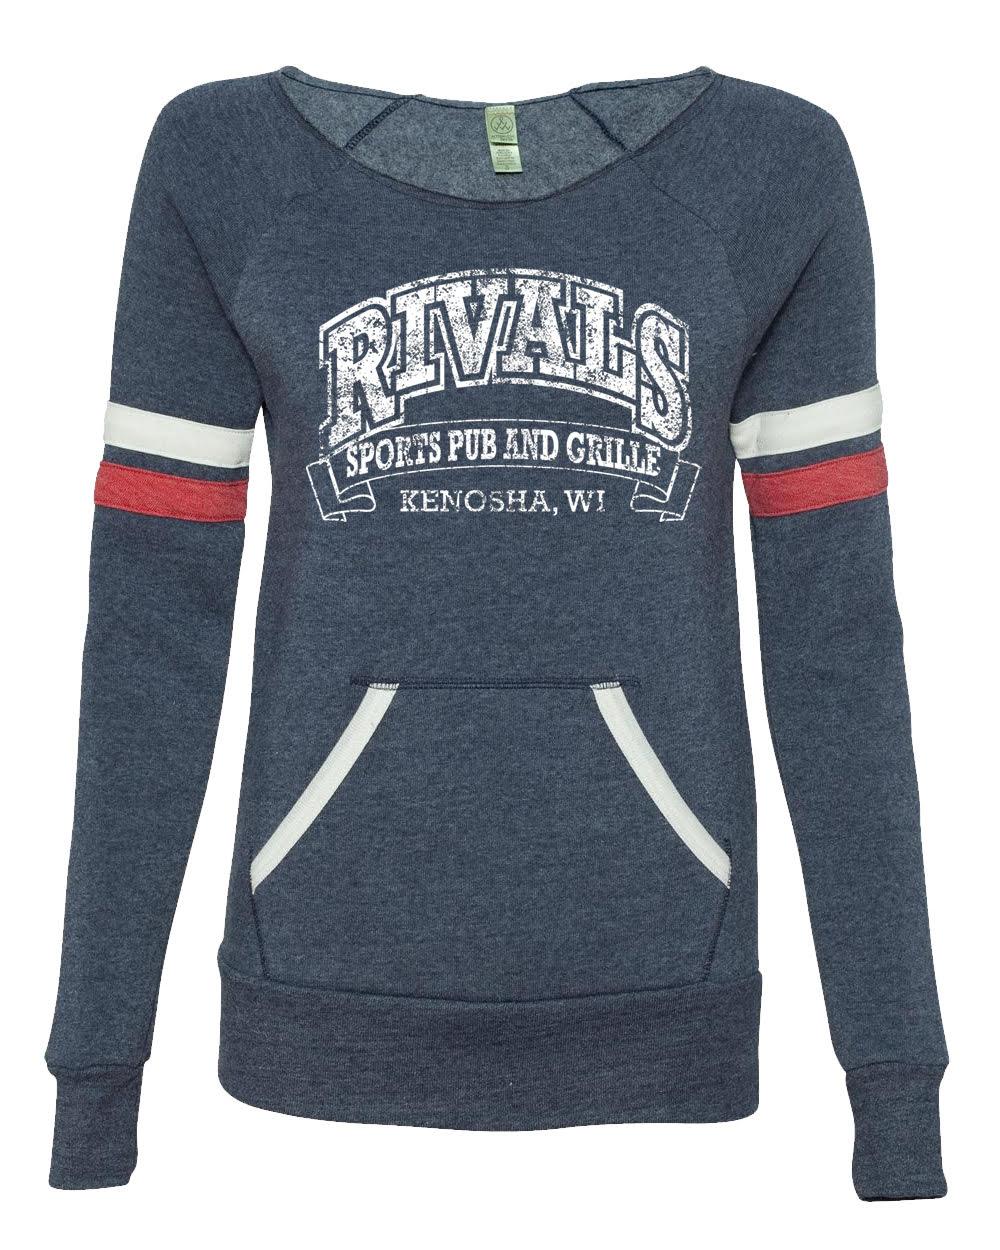 Women's Sweatshirt - $30 -